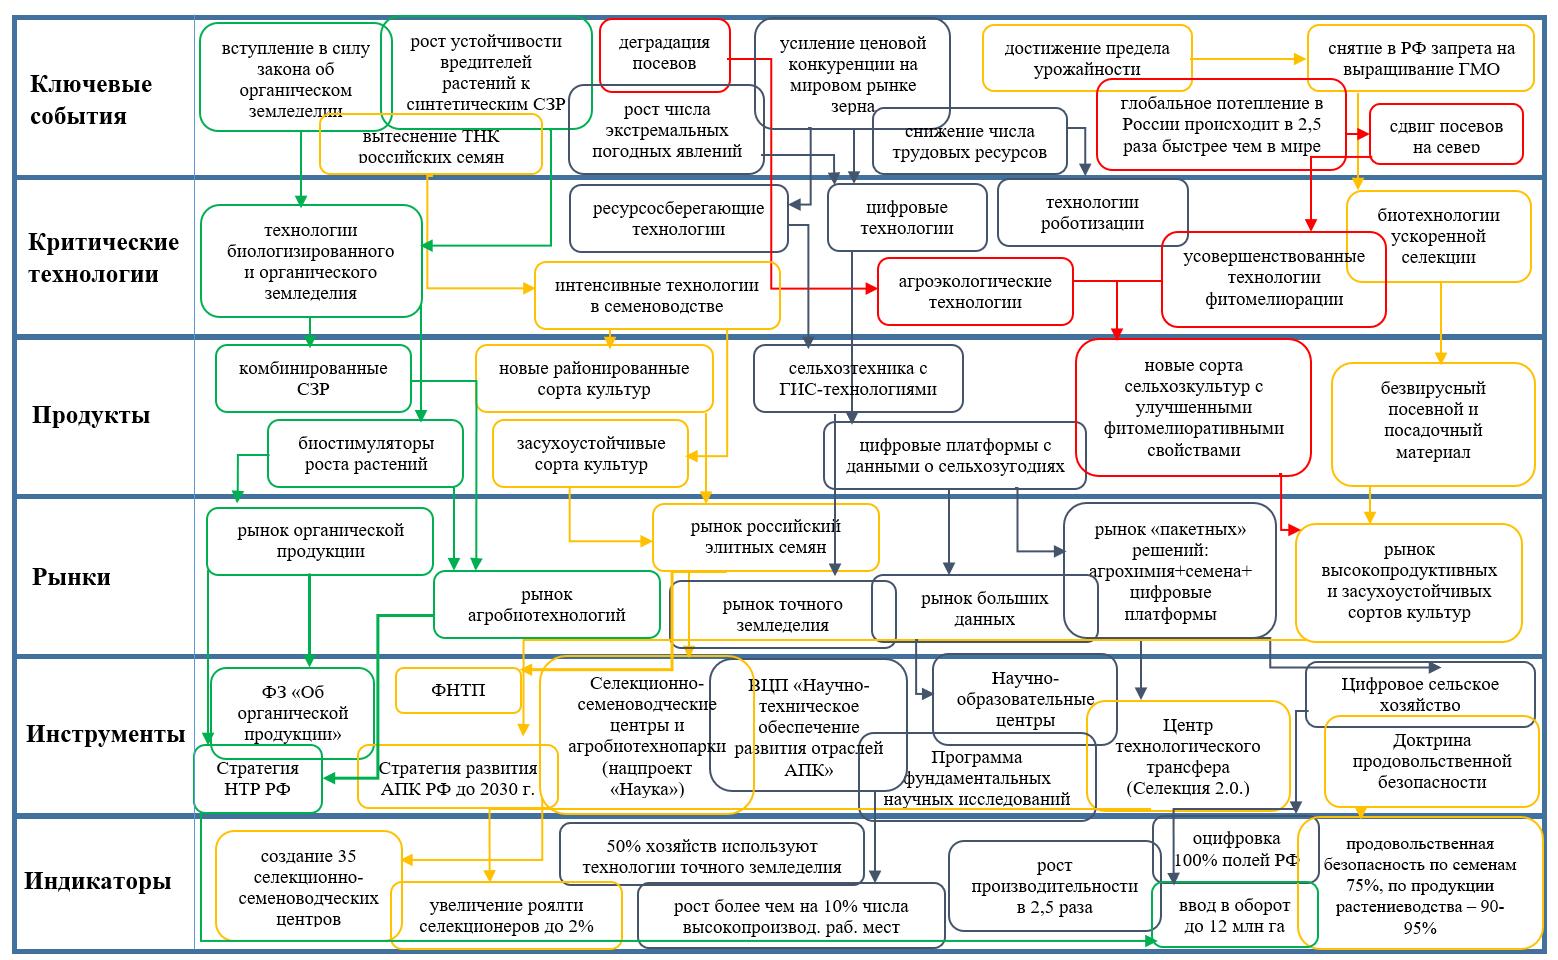 word image 289 Прогнозирование и мониторинг научно-технического развития АПК: растениеводство, включая семеноводство и органическое земледелие